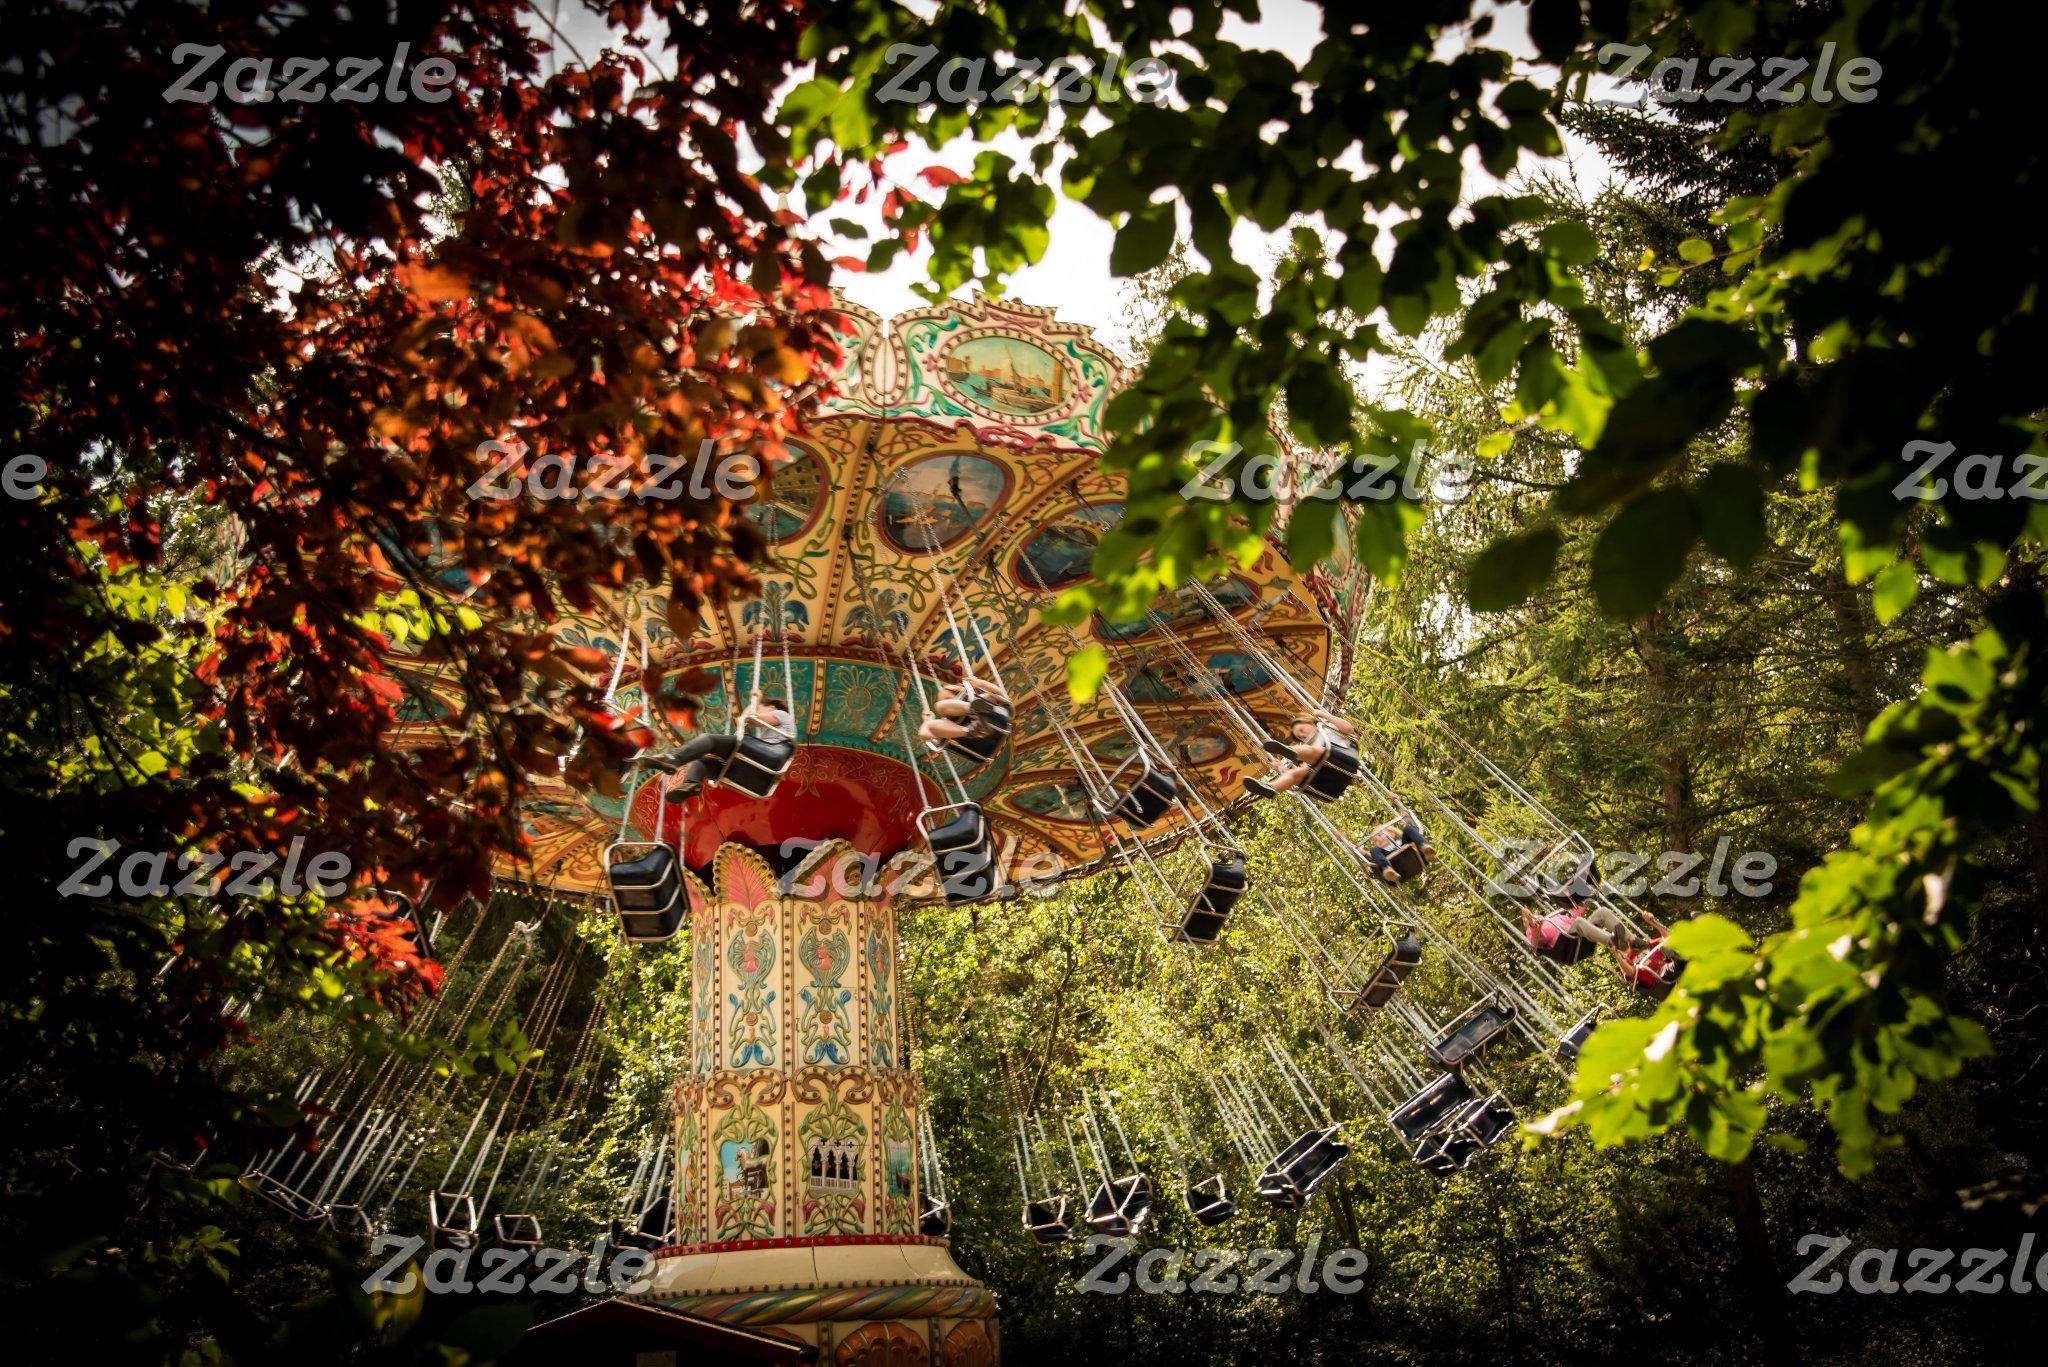 Carousel Parisian